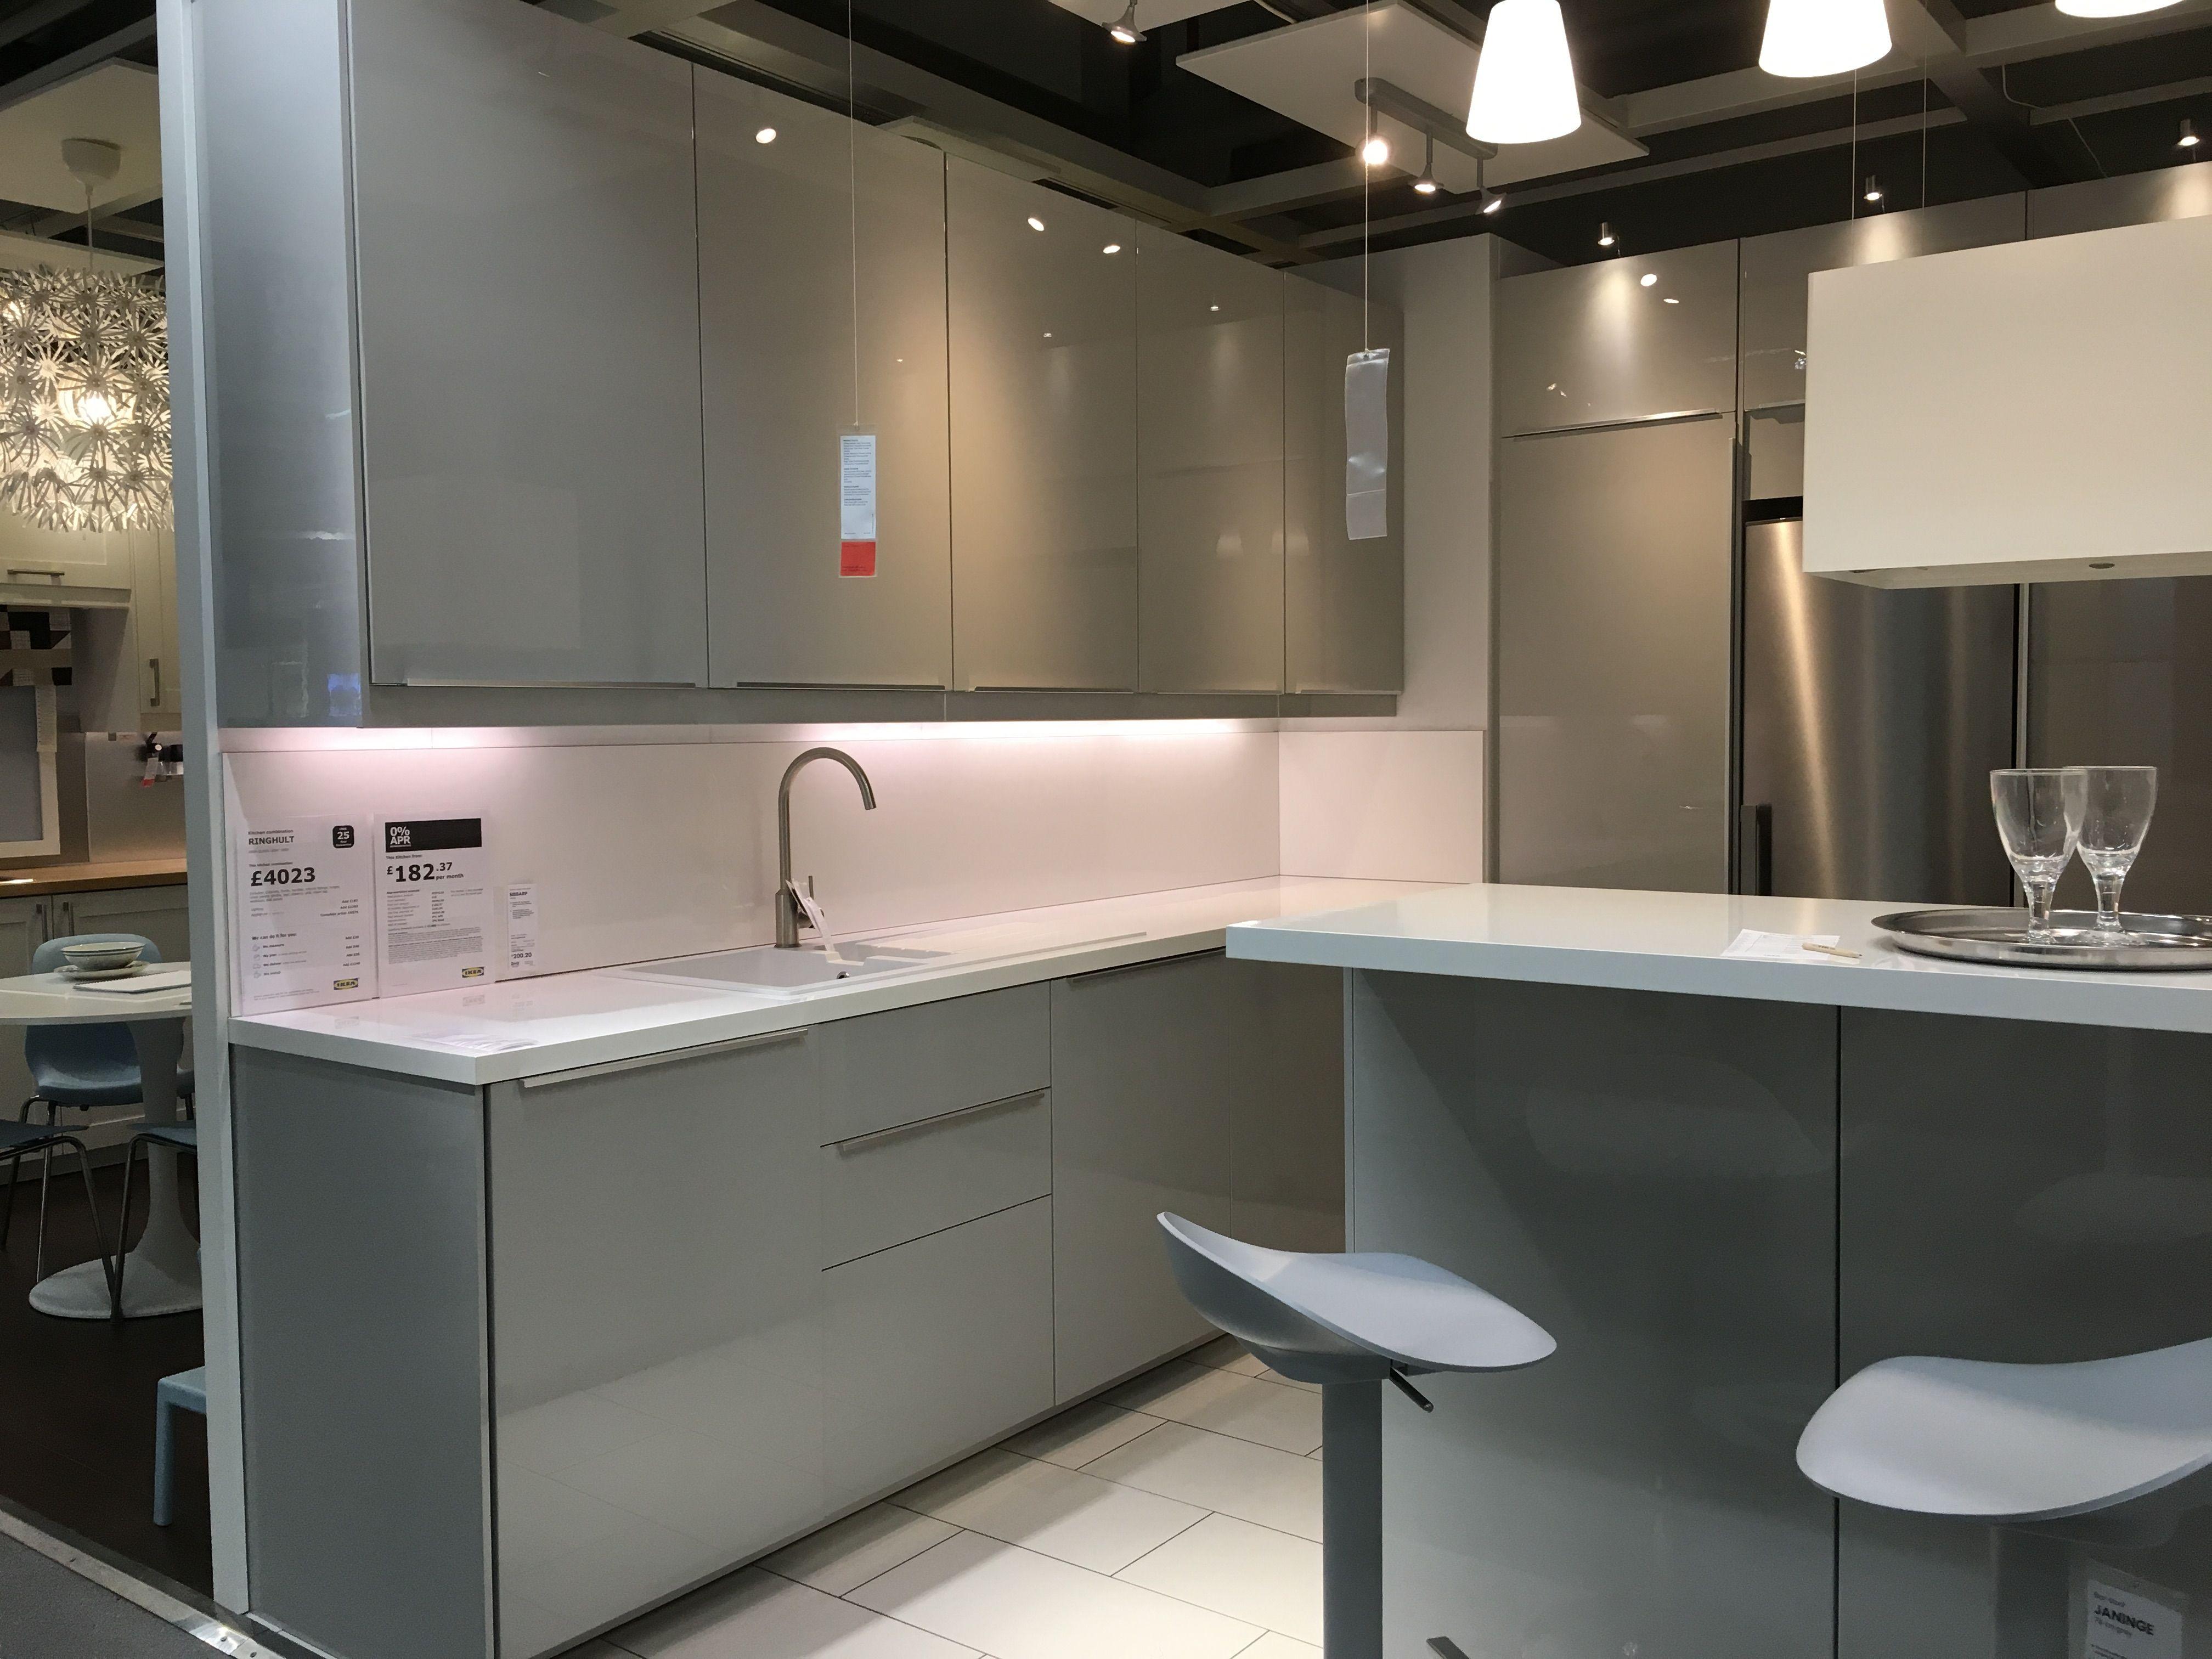 Ikea Offener Kuchenschrank Kuchenschrank Mit Schubladen Haus Planen